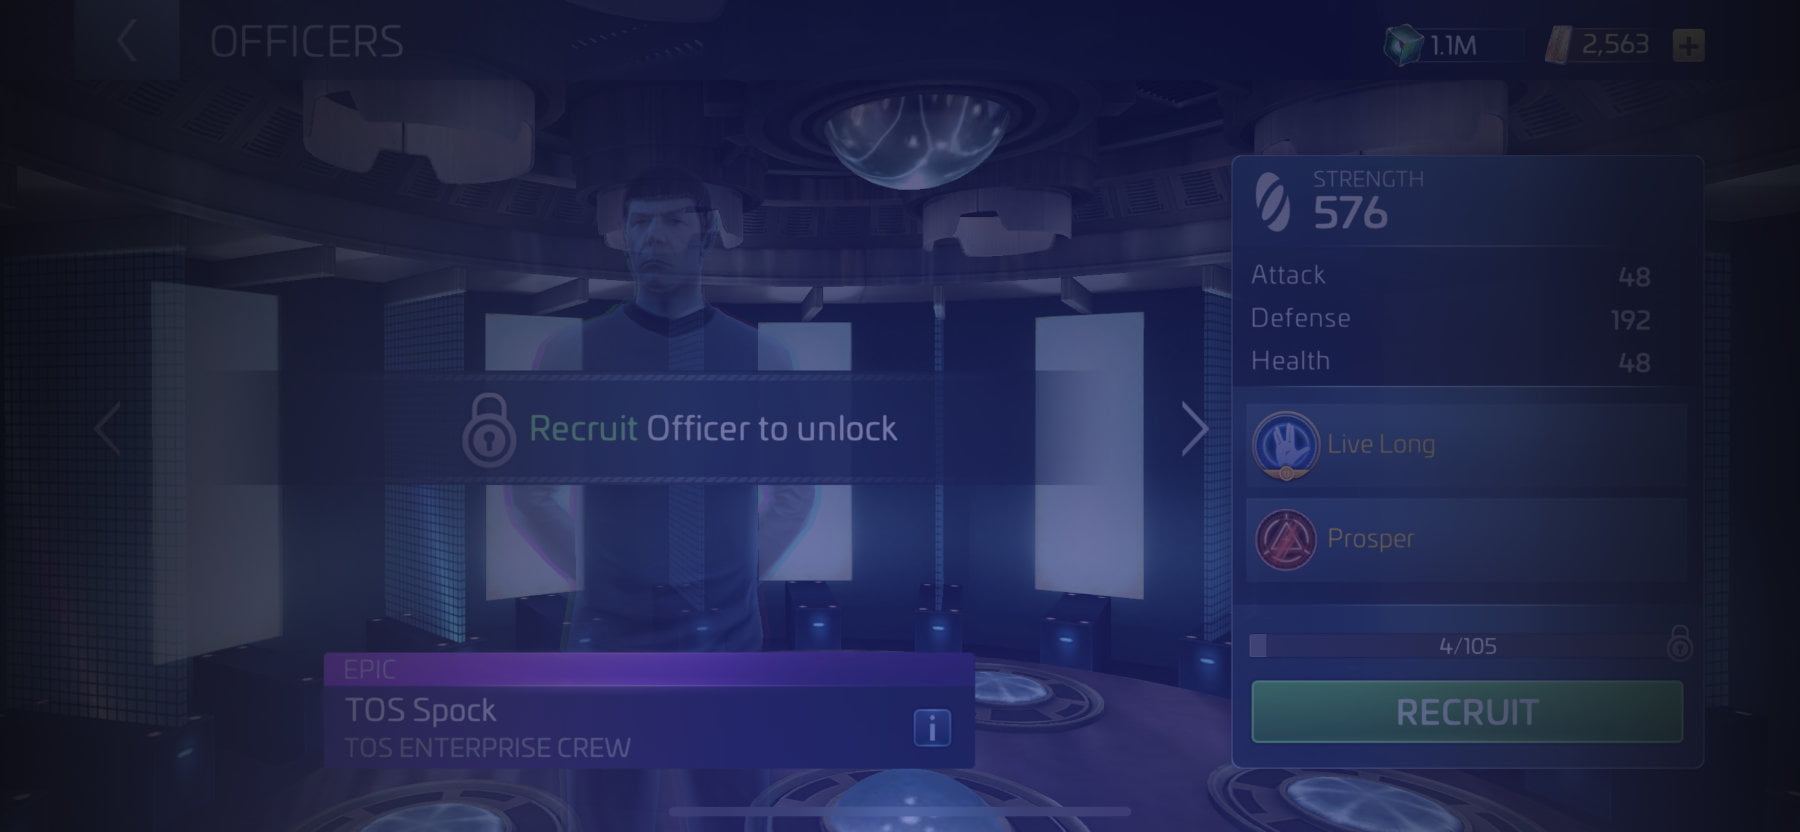 Officer TOS Spock